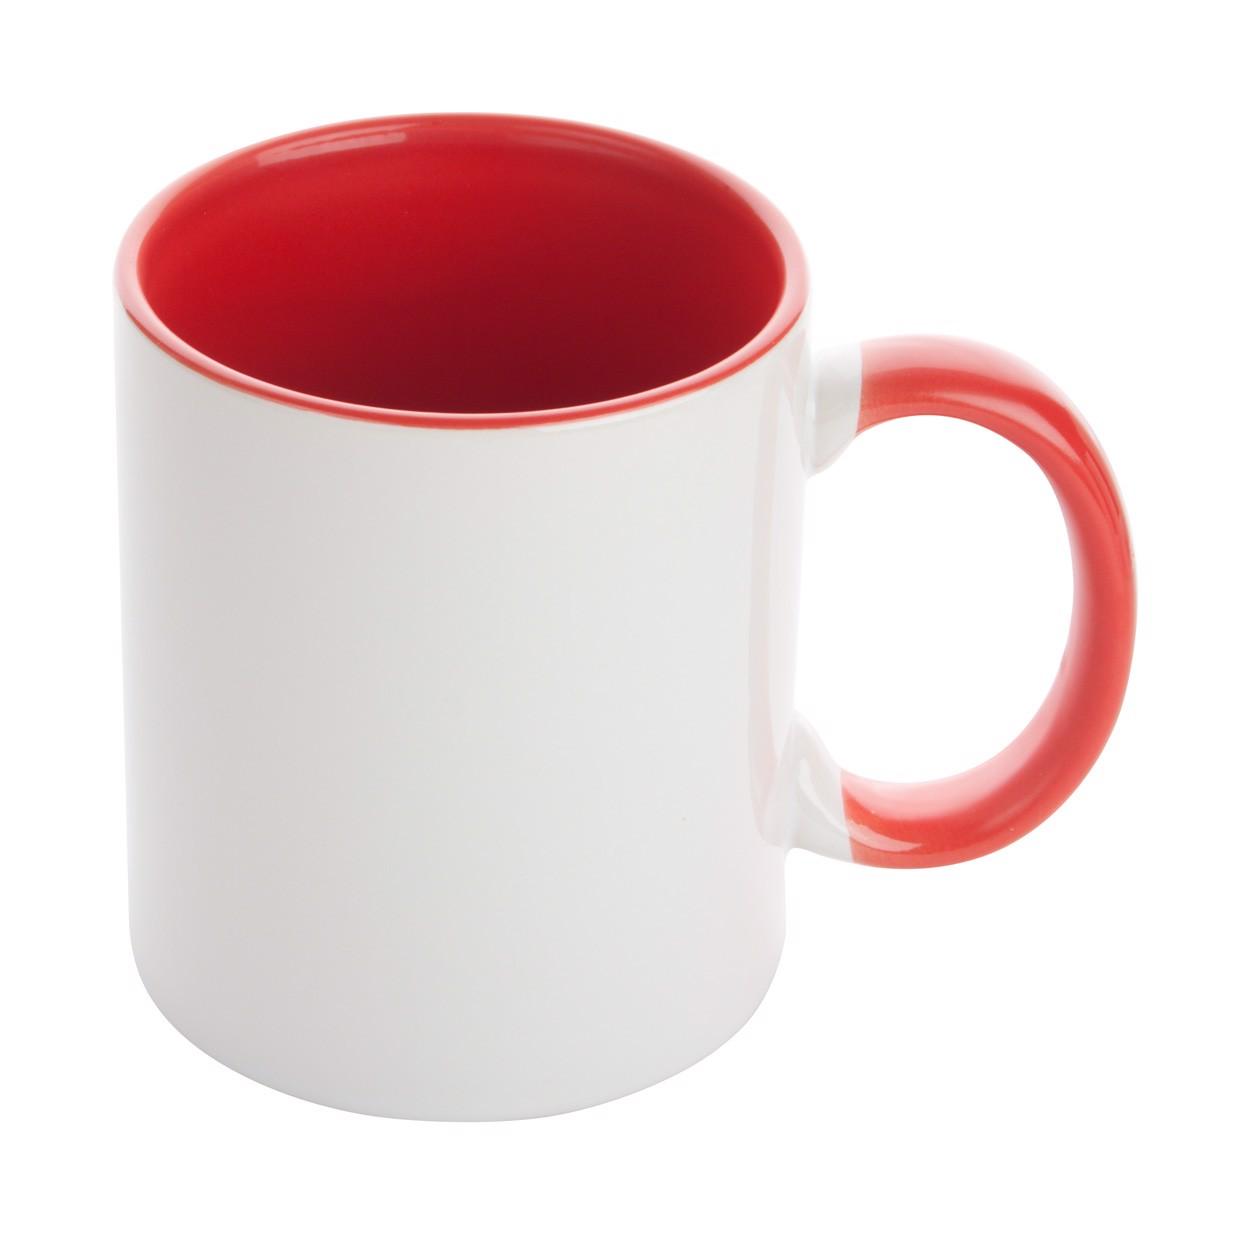 Hrnek Na Sublimaci Harnet - Bílá / Červená